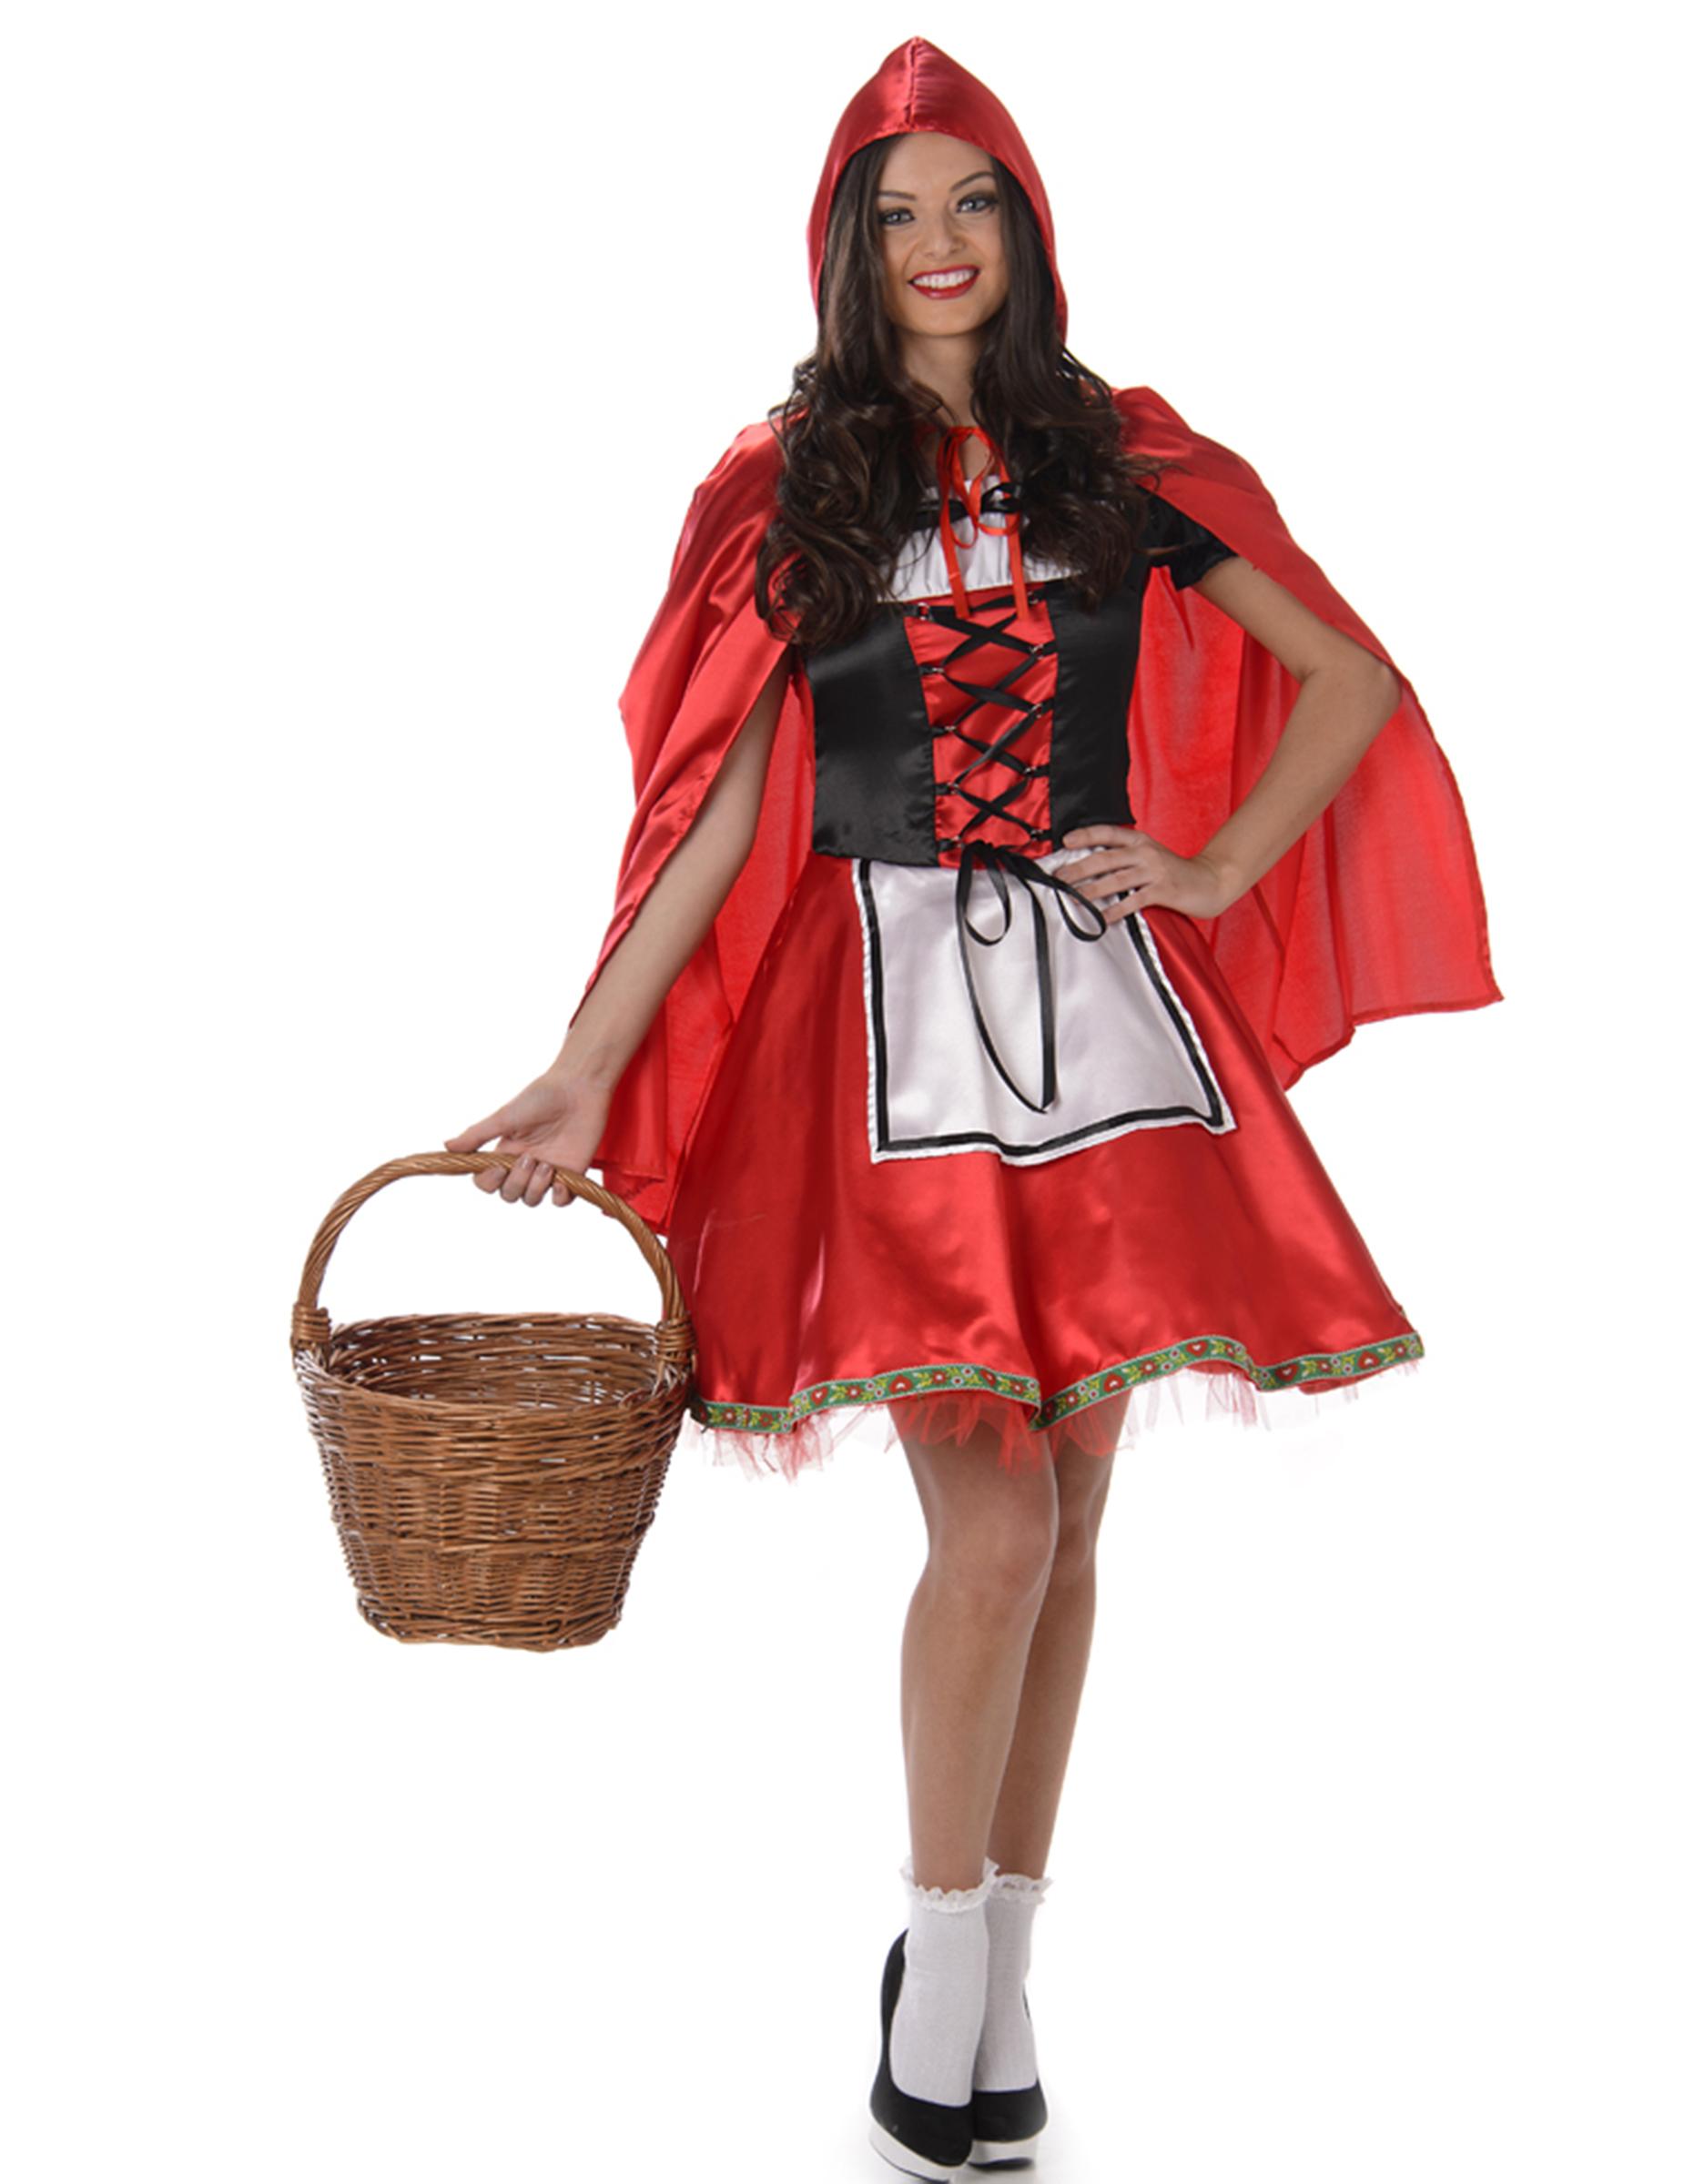 d guisement chaperon rouge femme achat de d guisements adultes sur vegaoopro grossiste en. Black Bedroom Furniture Sets. Home Design Ideas